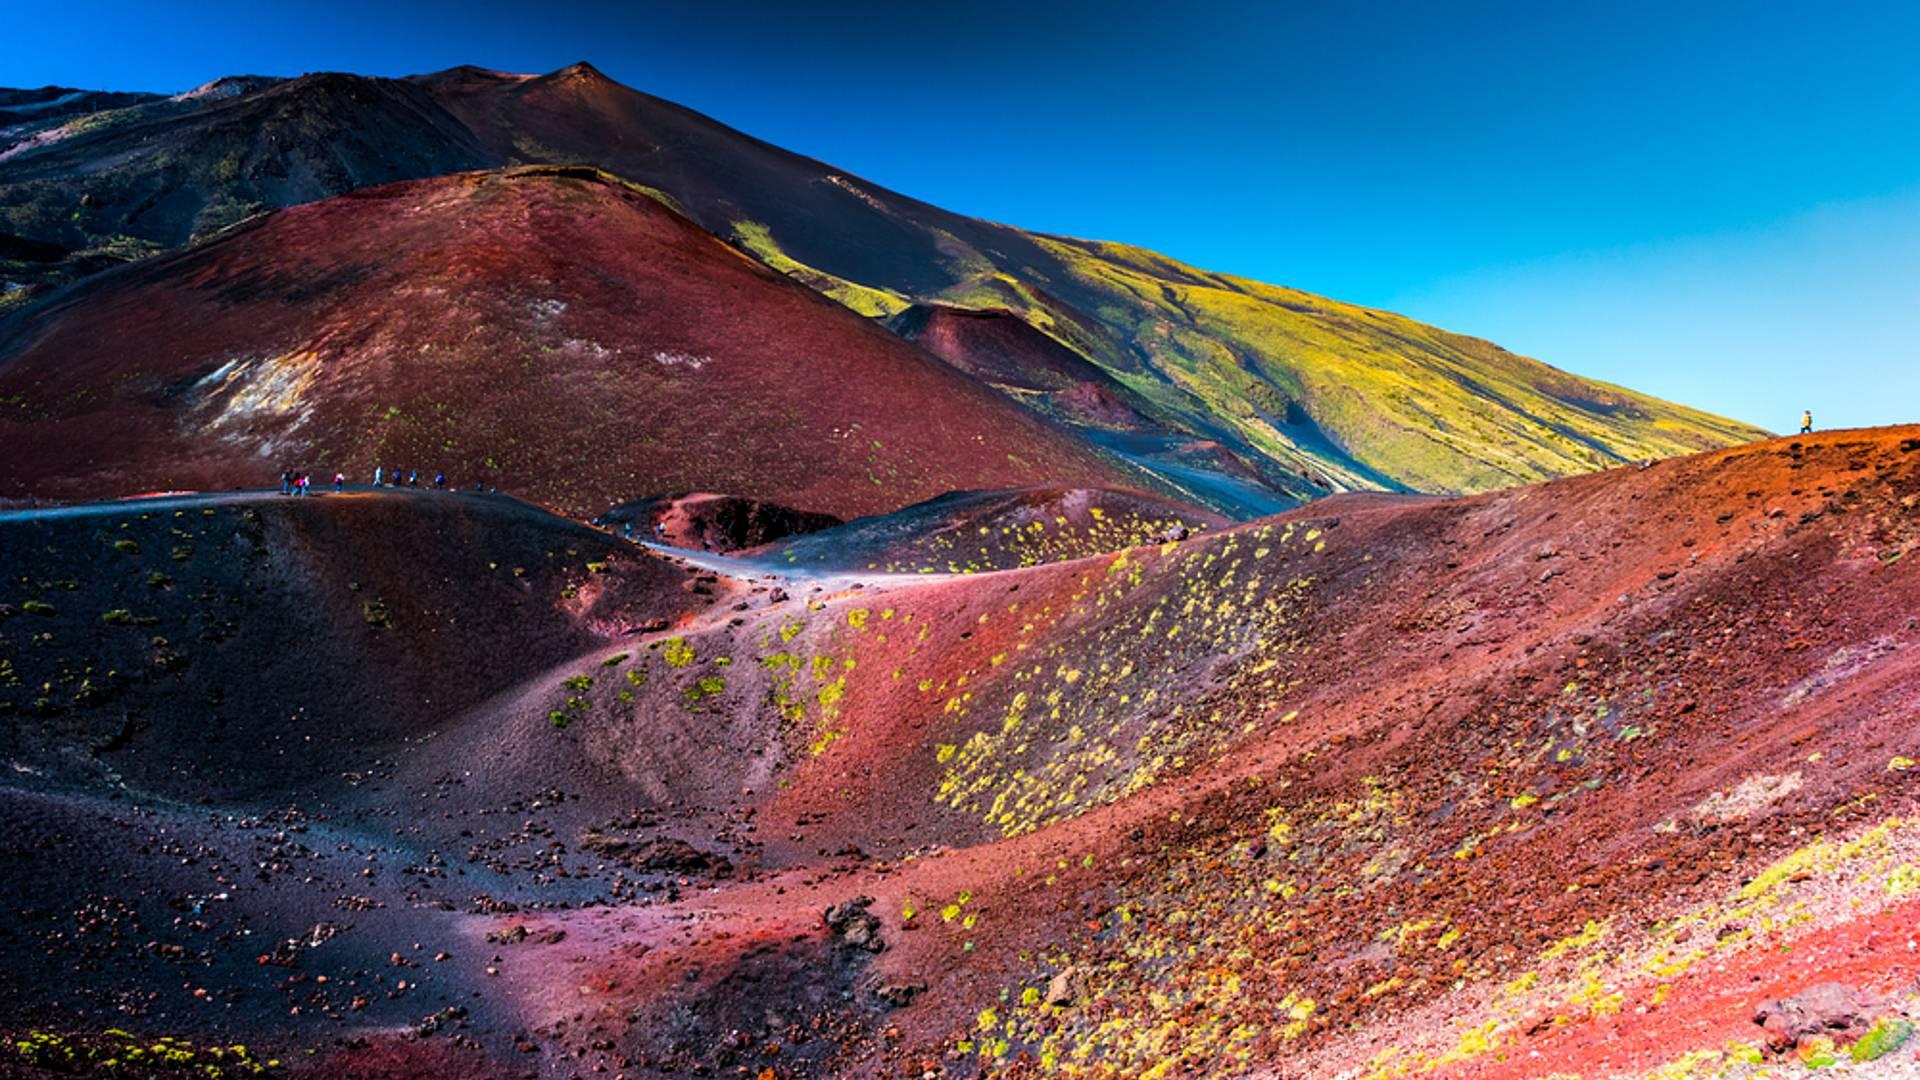 Vulkantrekking auf dem Ätna und den Äolischen Inseln